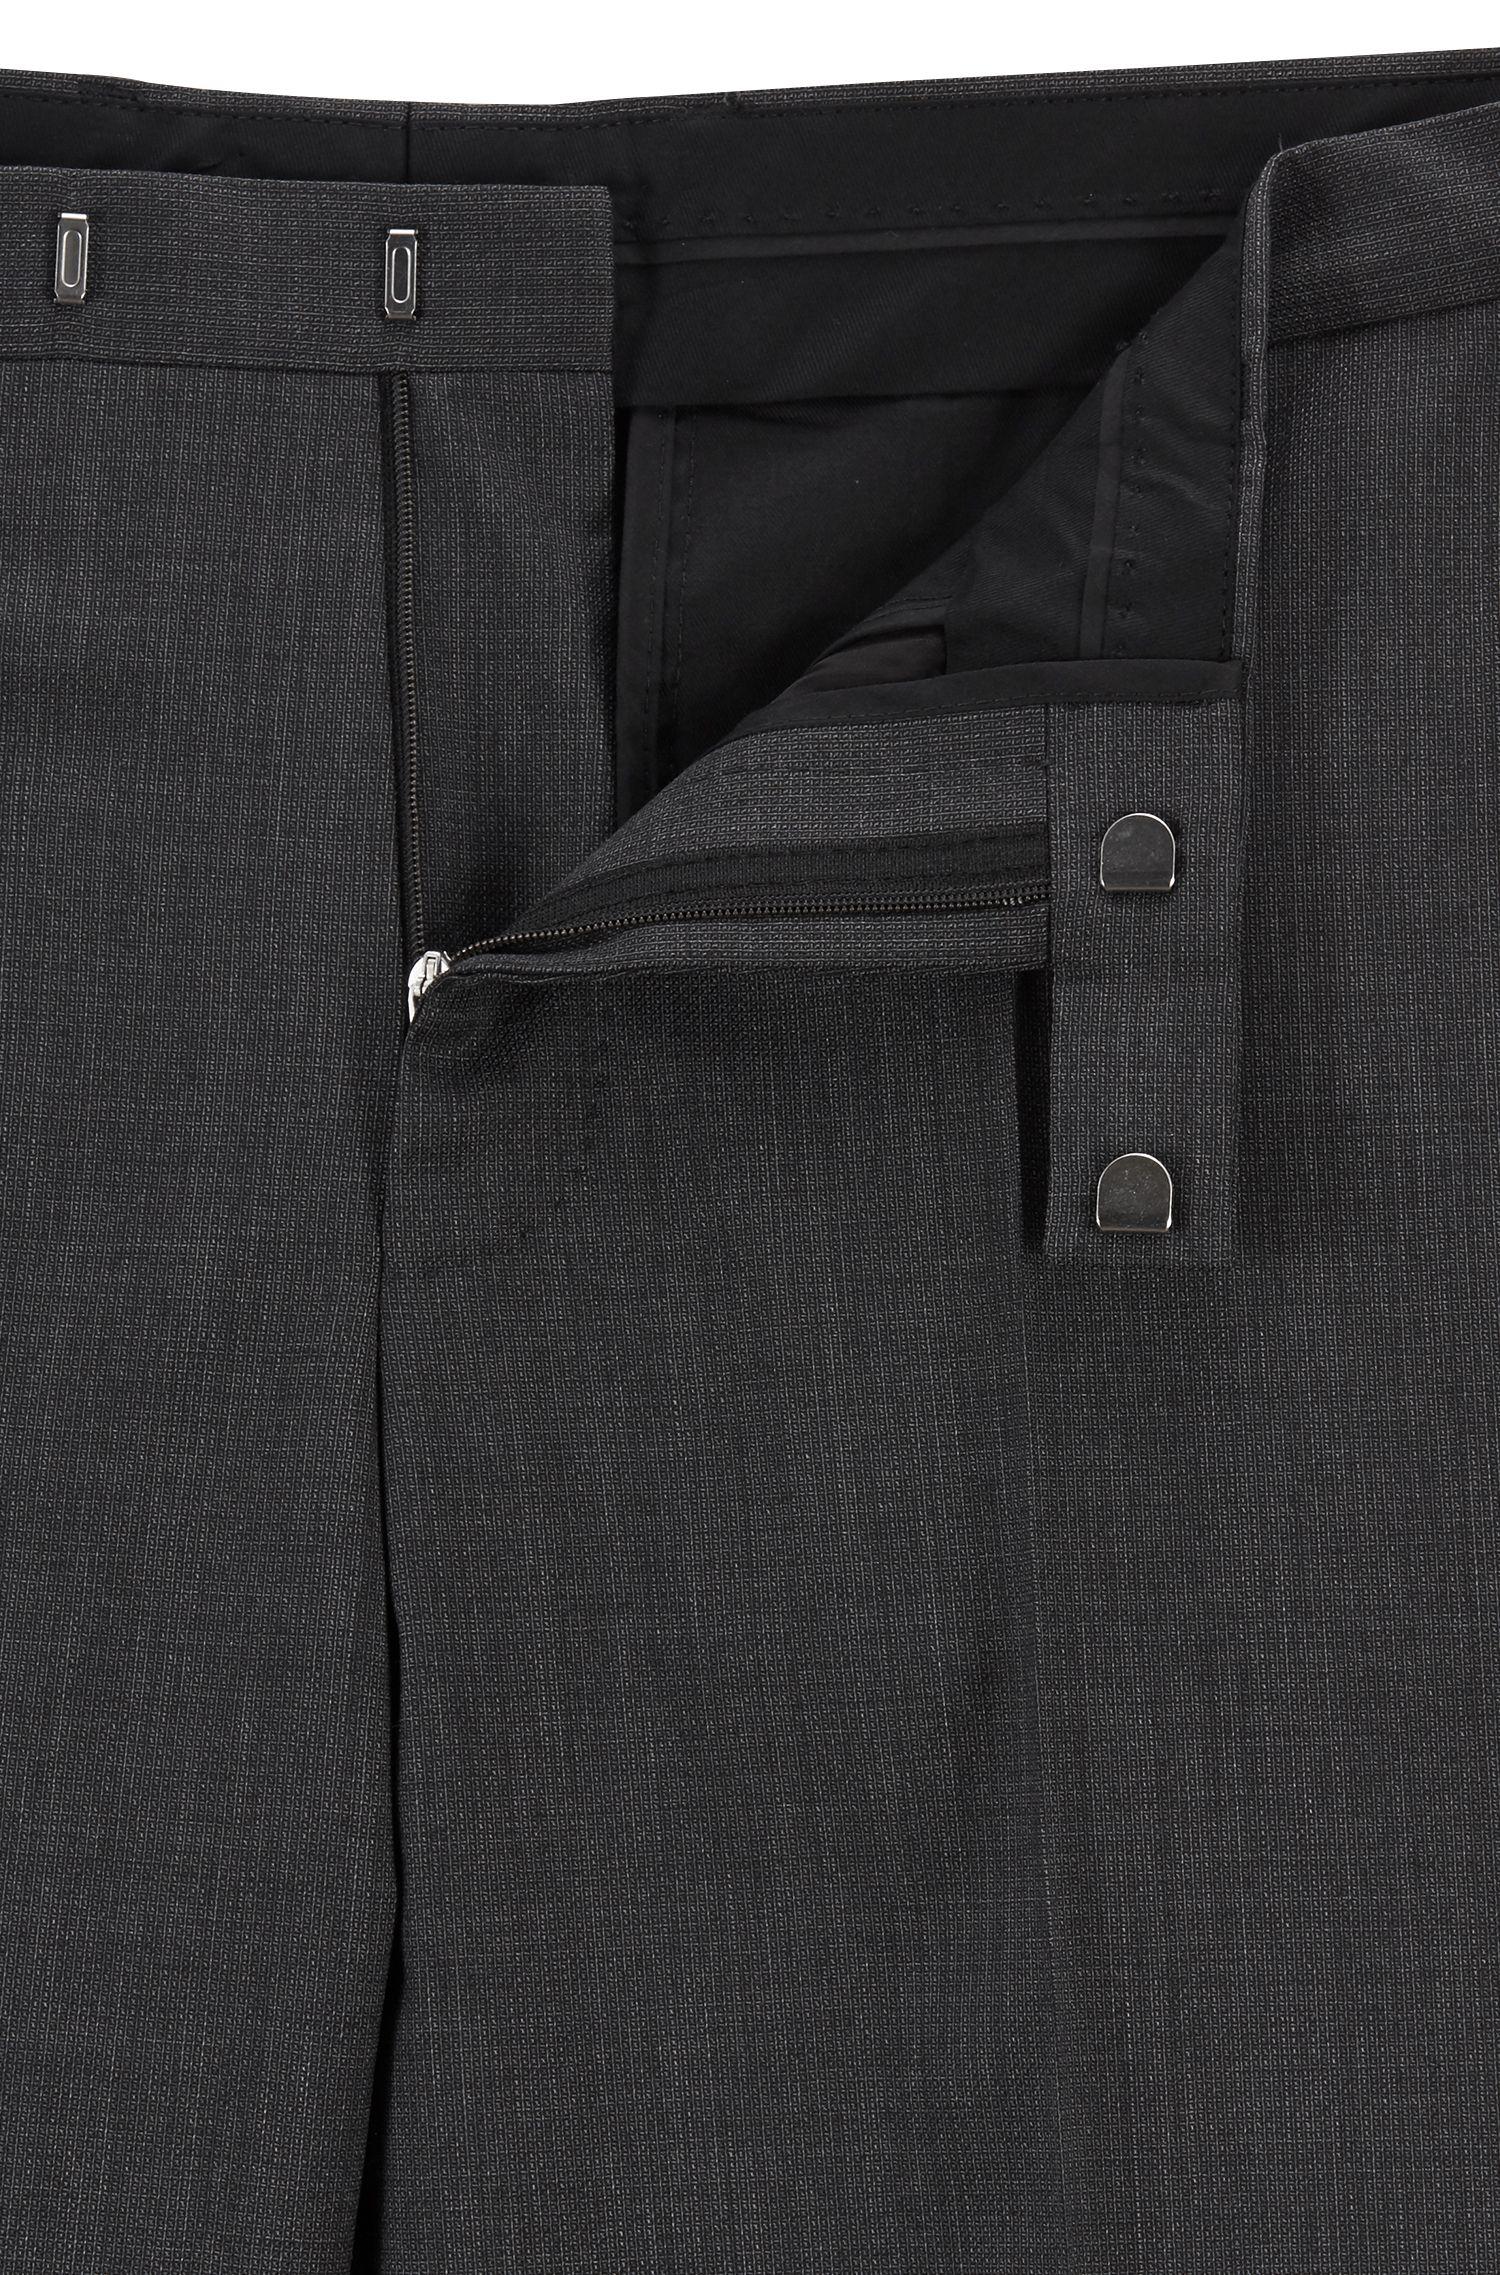 Dezent gemusterter Regular-Fit Anzug aus Schurwolle, Schwarz